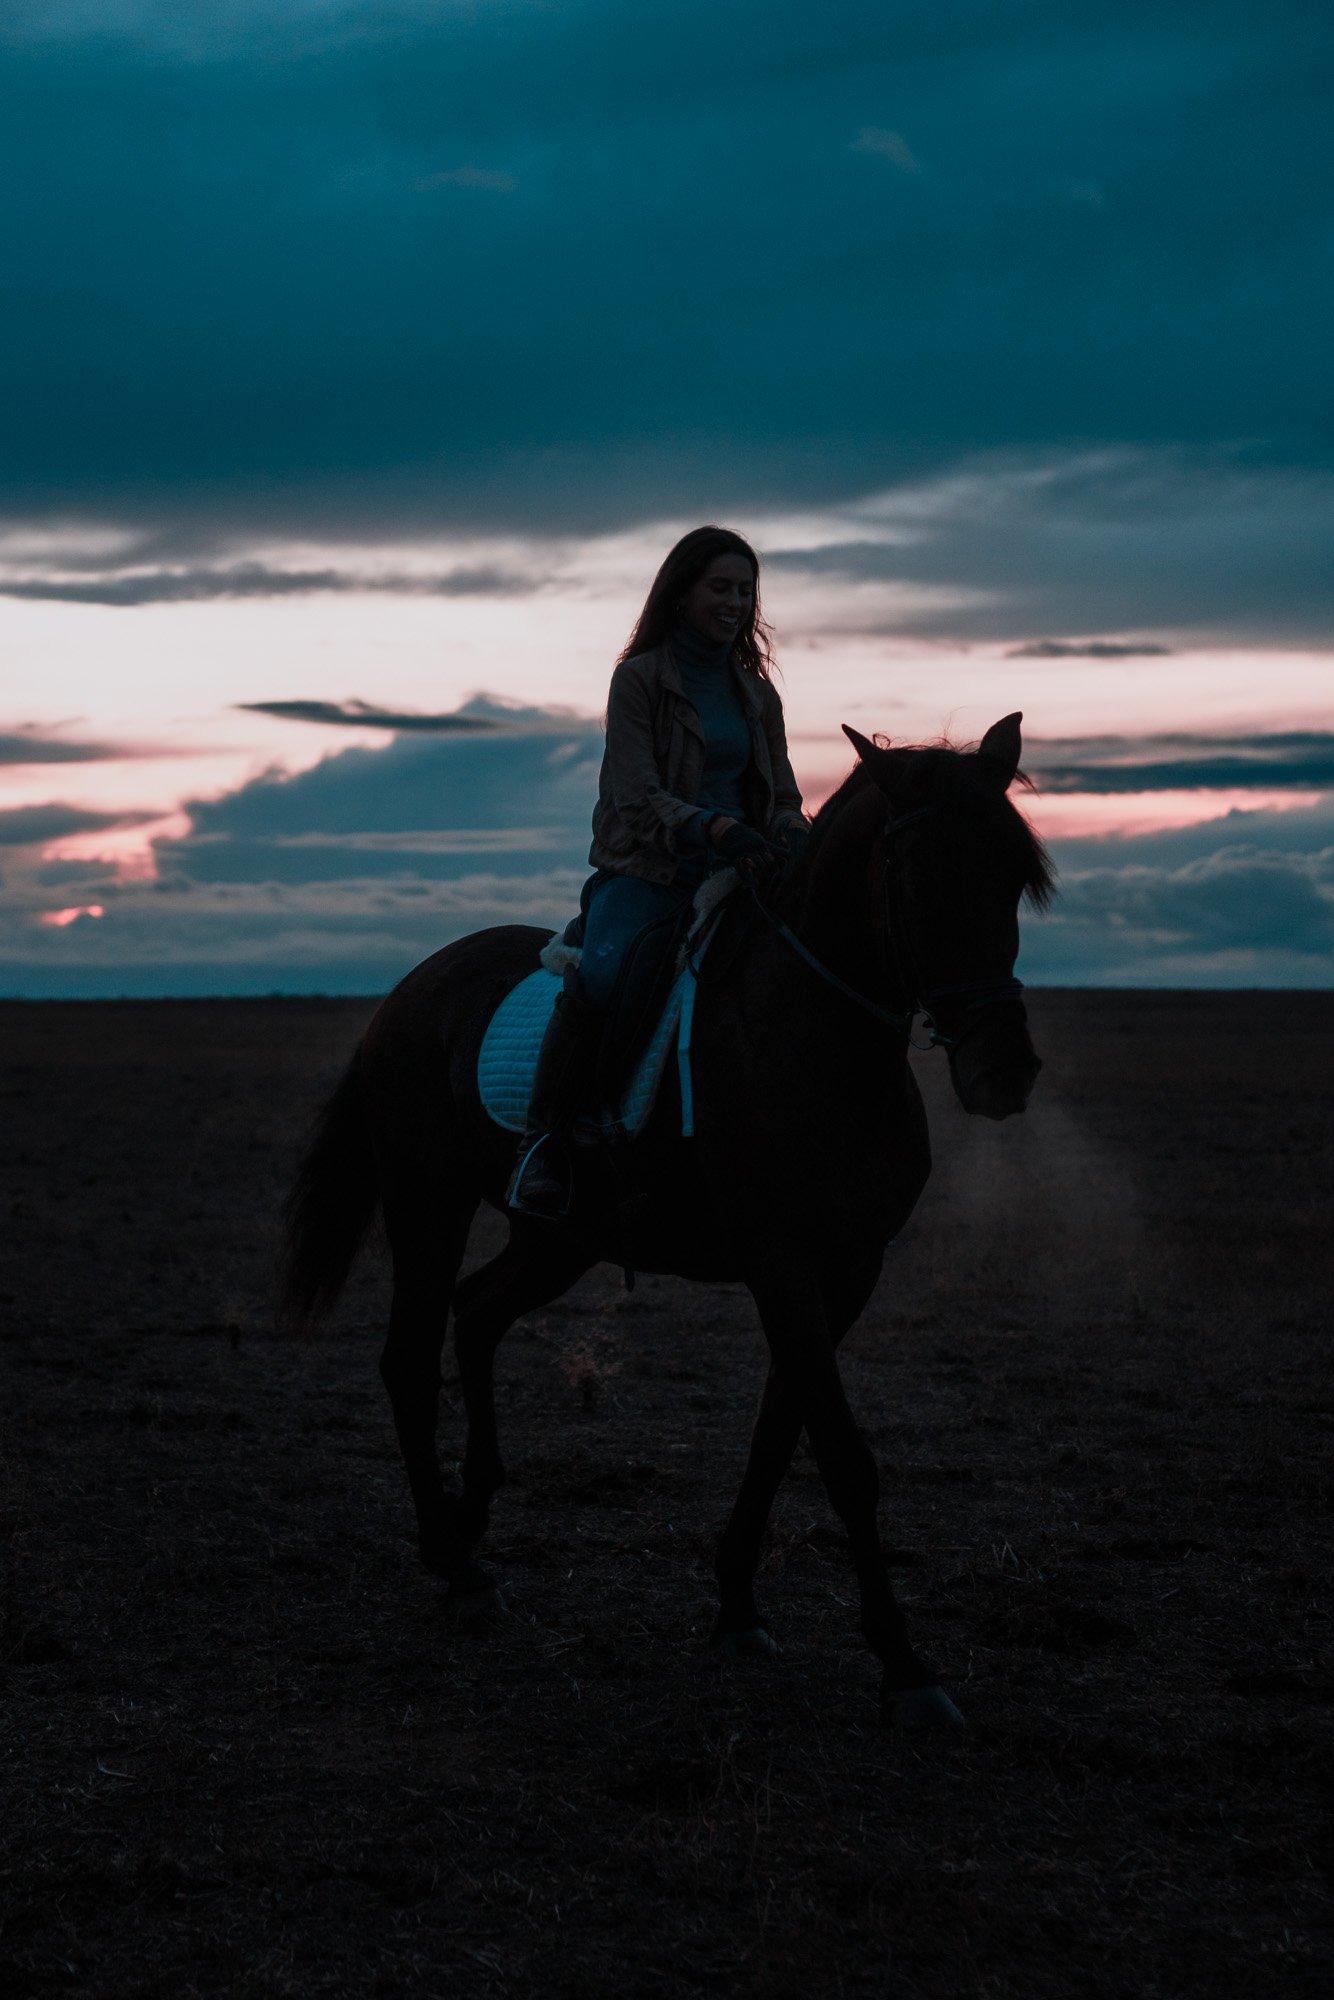 Atardecer caballo relinchando - Linzex